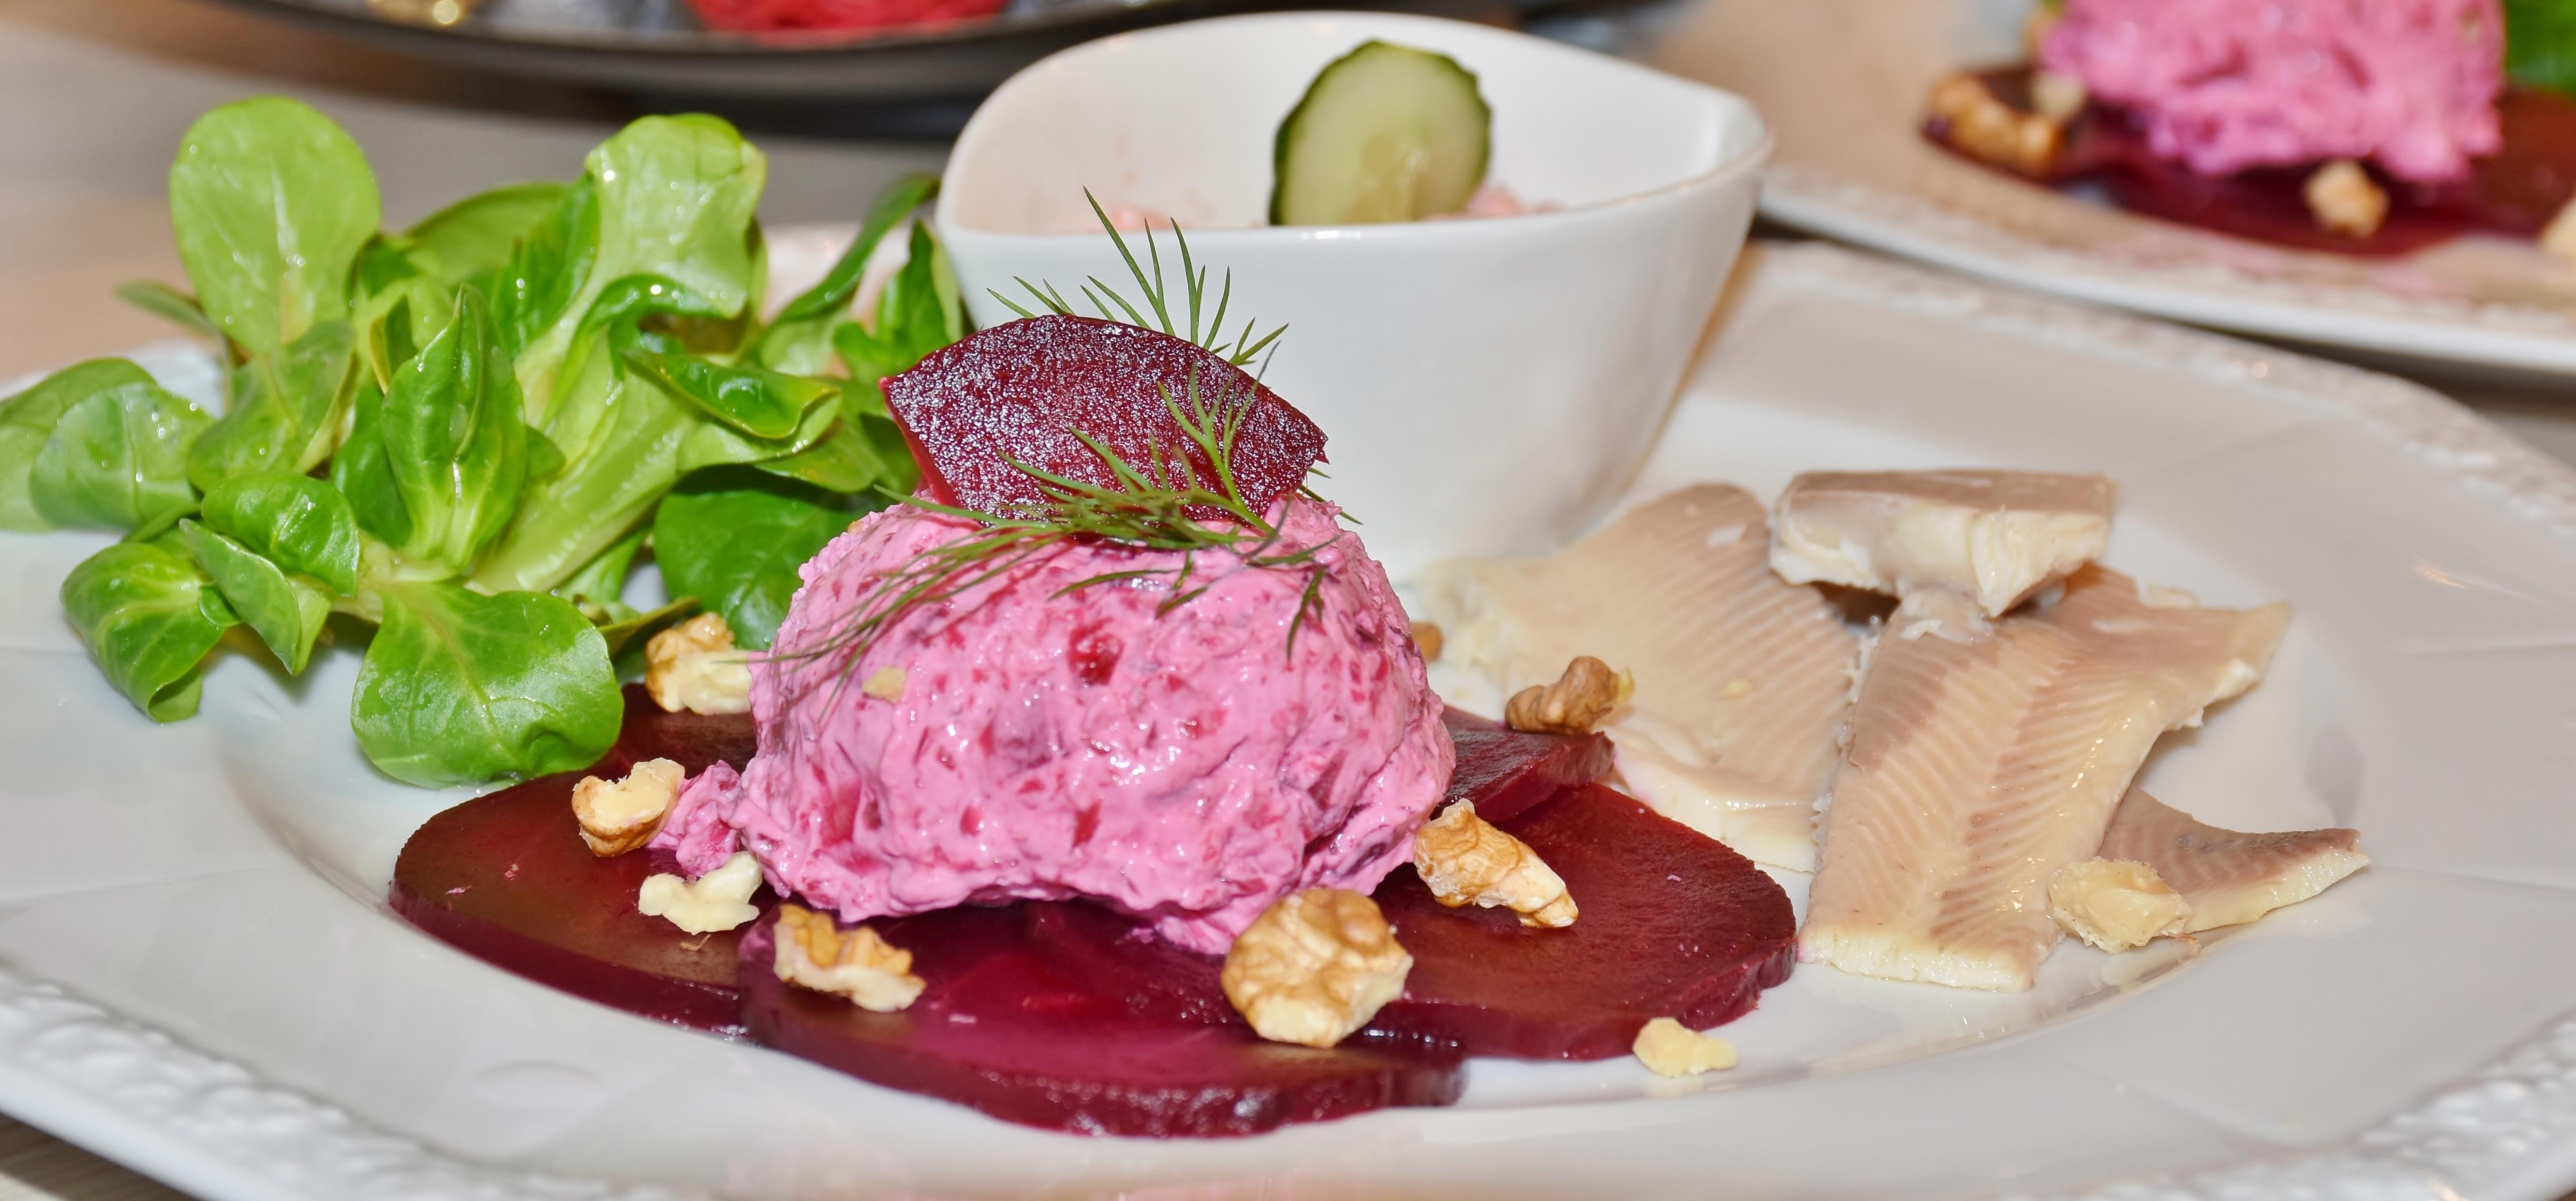 Kostenlose foto : Restaurant, Gericht, Mahlzeit, Lebensmittel, Salat ...